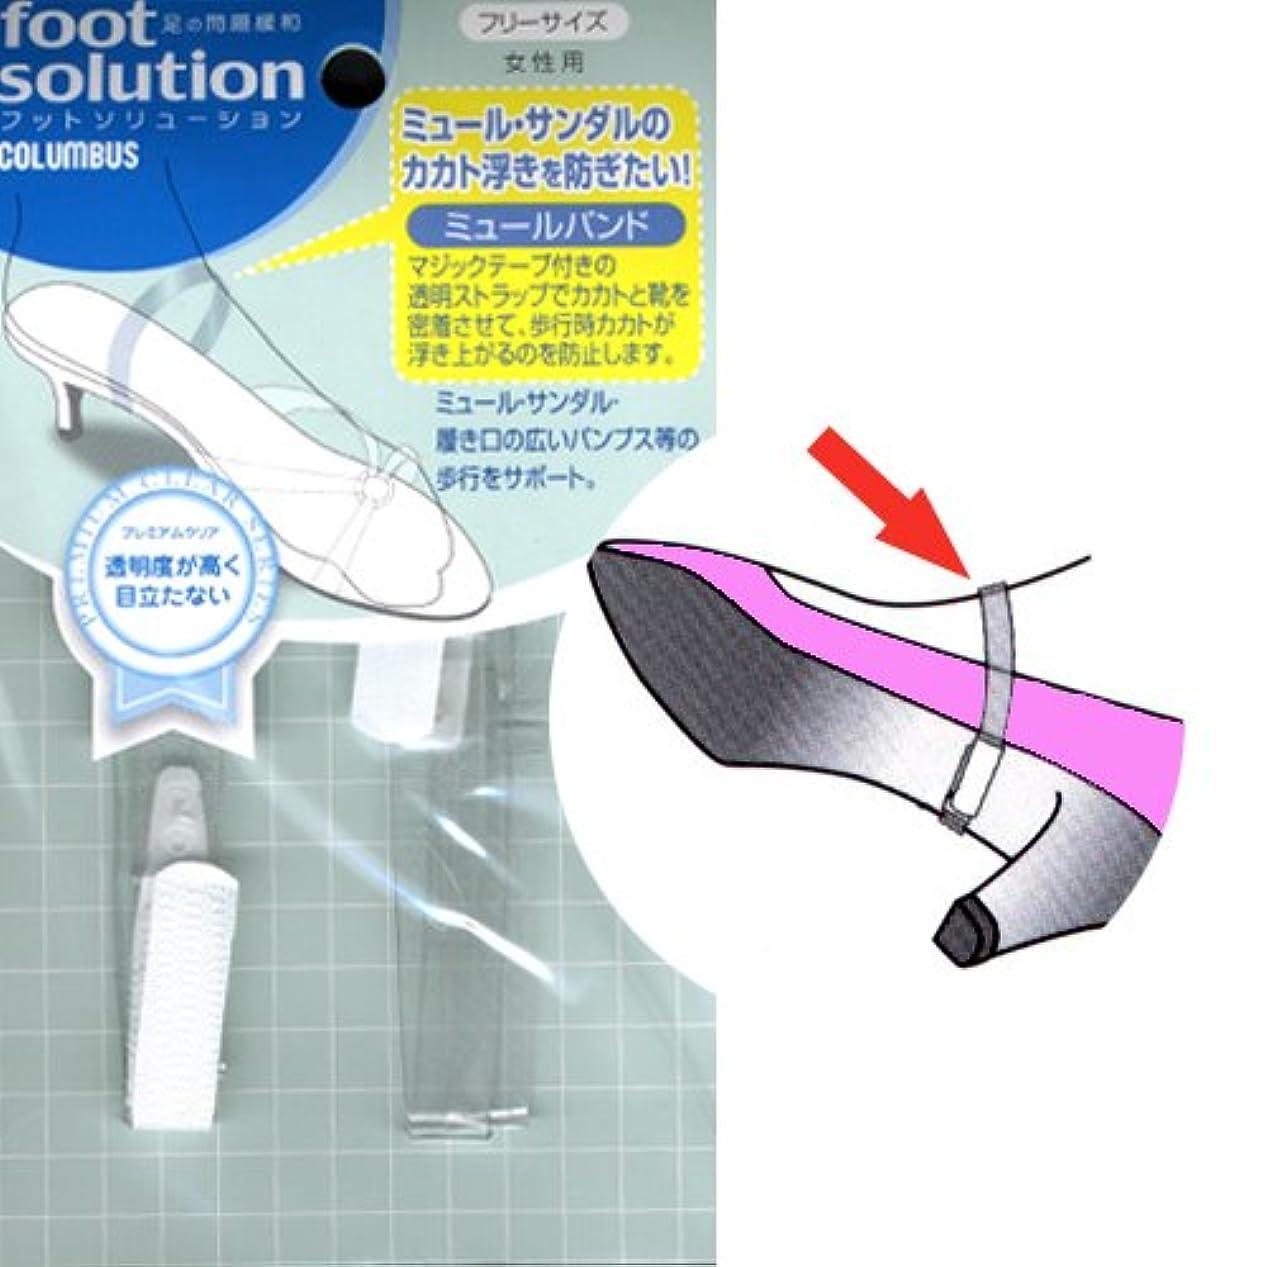 ご覧ください提案参照フットソリューション(footsolution) ミュールバンド レギュラーサイズ#80